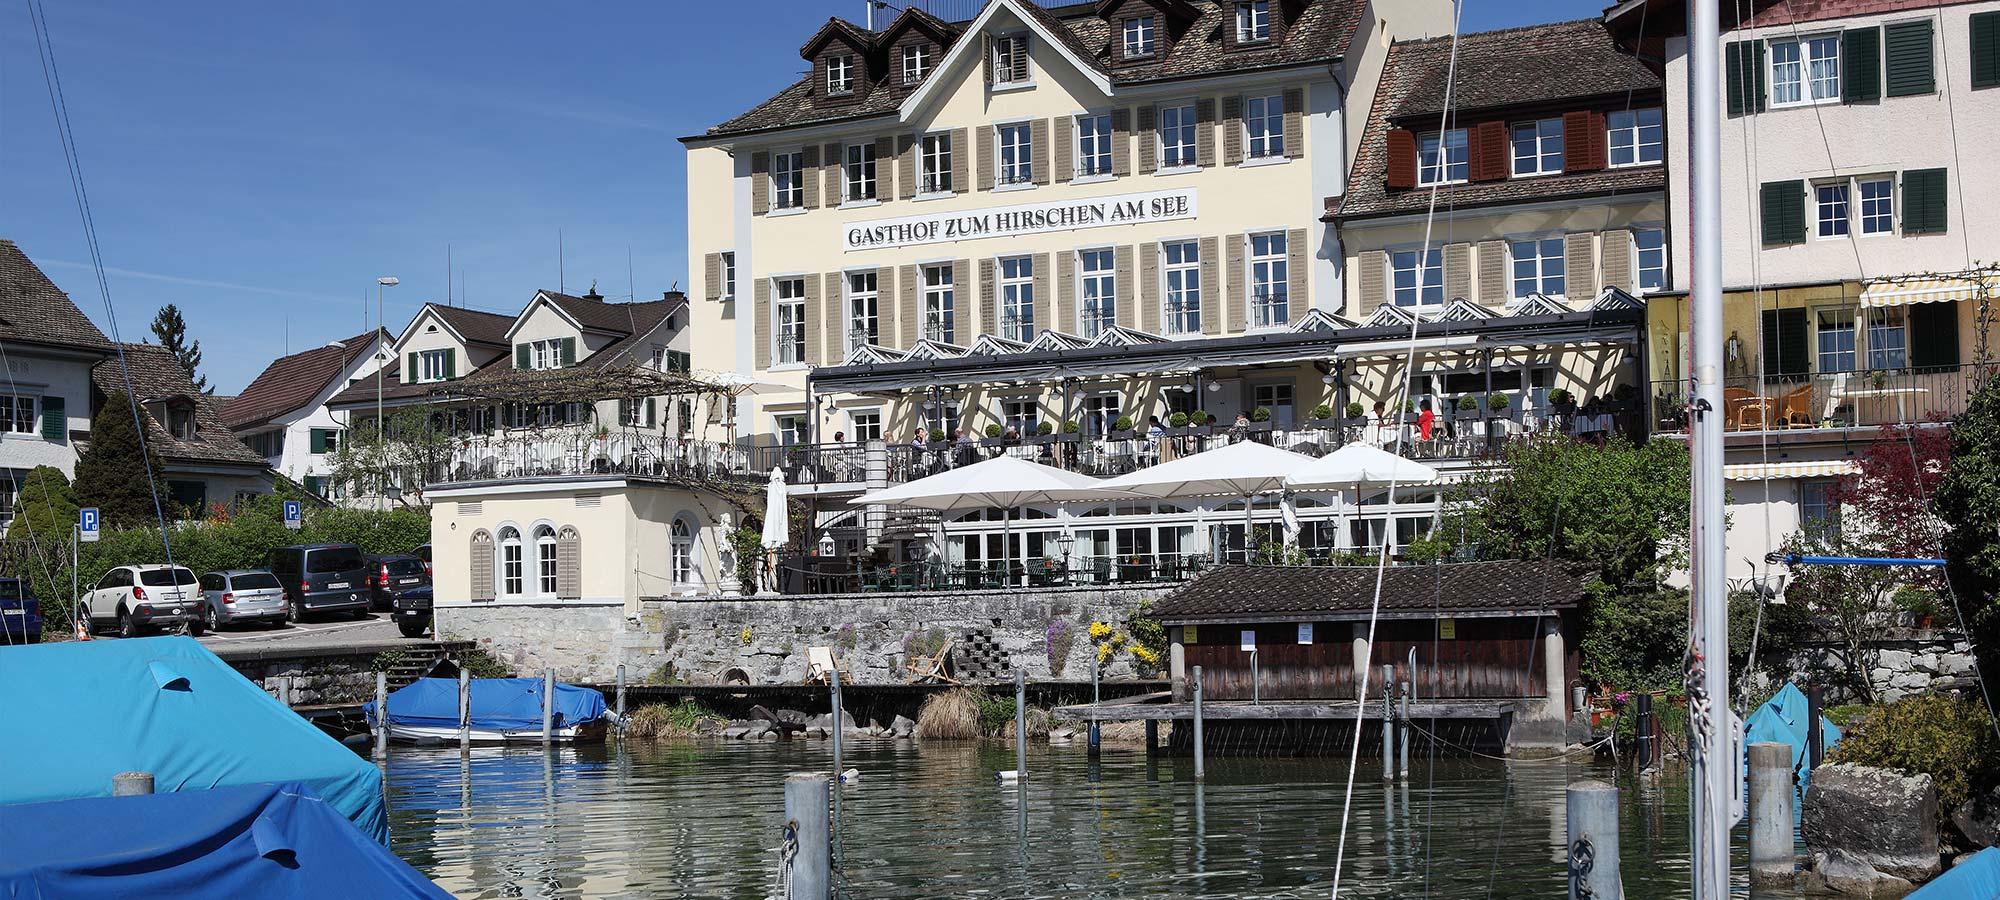 Hirschen Gasthof Hotel Restaurant Lake Zurich Meilen